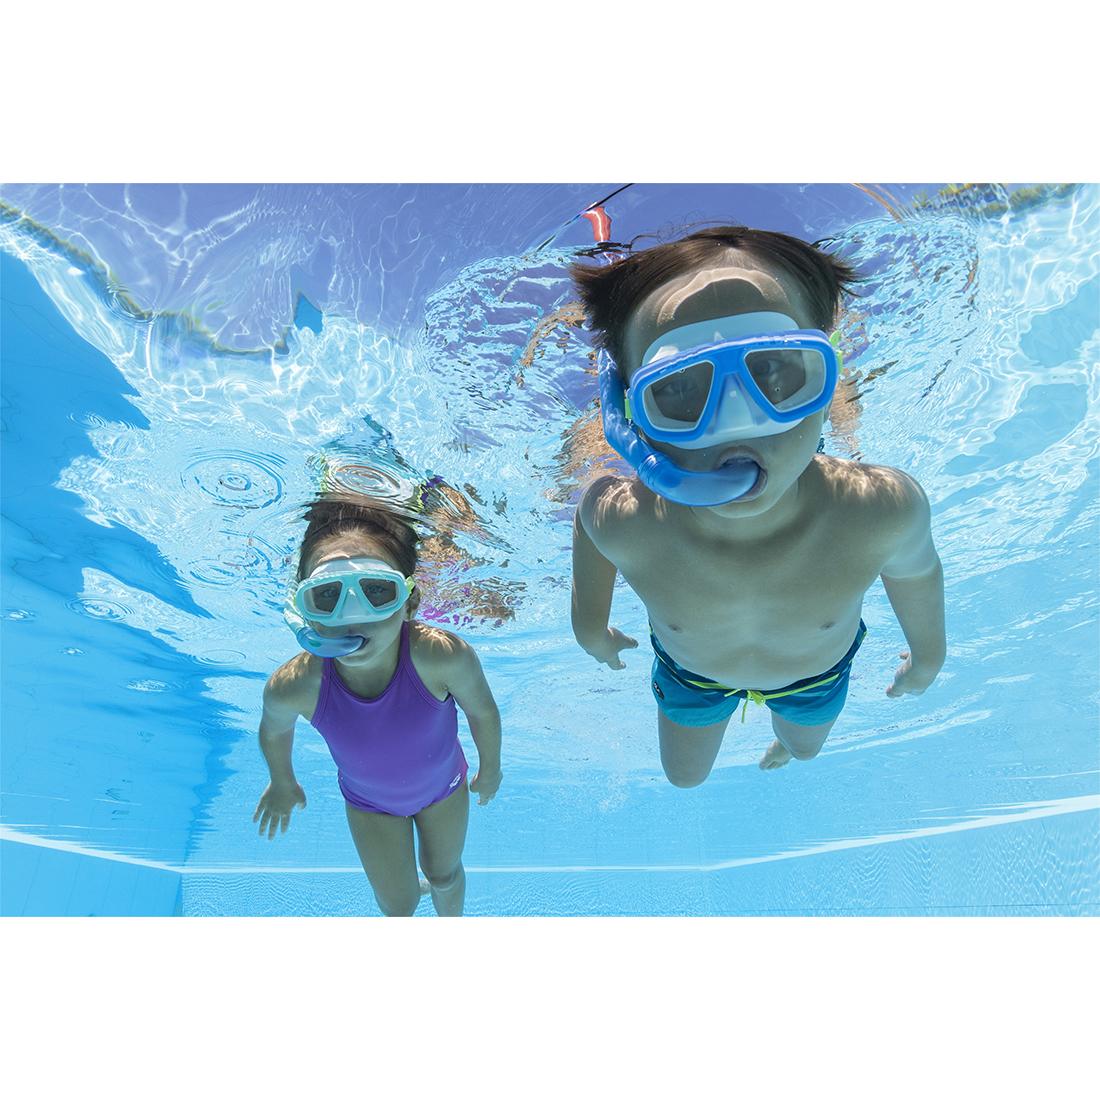 Набор для плавания Bestway 24018 в упаковке: маска, трубка